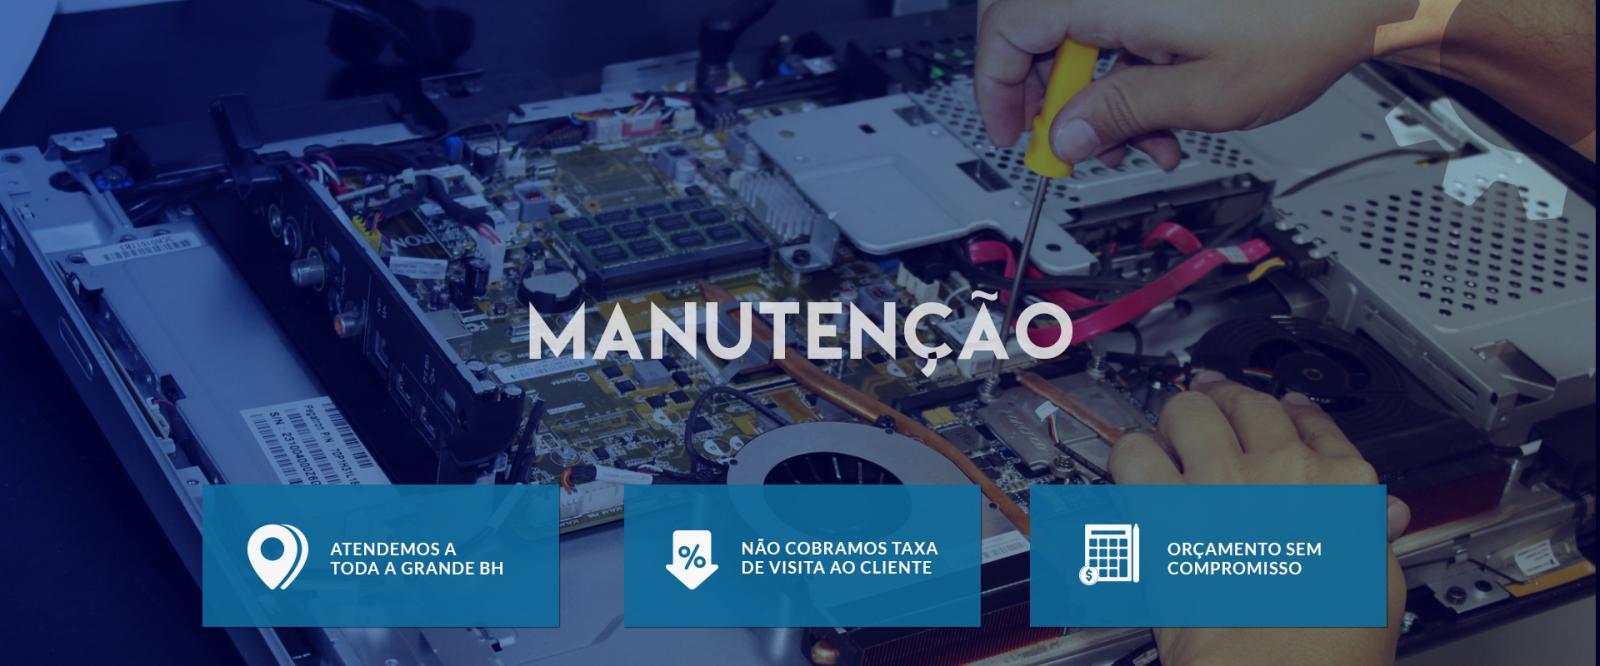 Banner de Infraestrutura e Manutenção